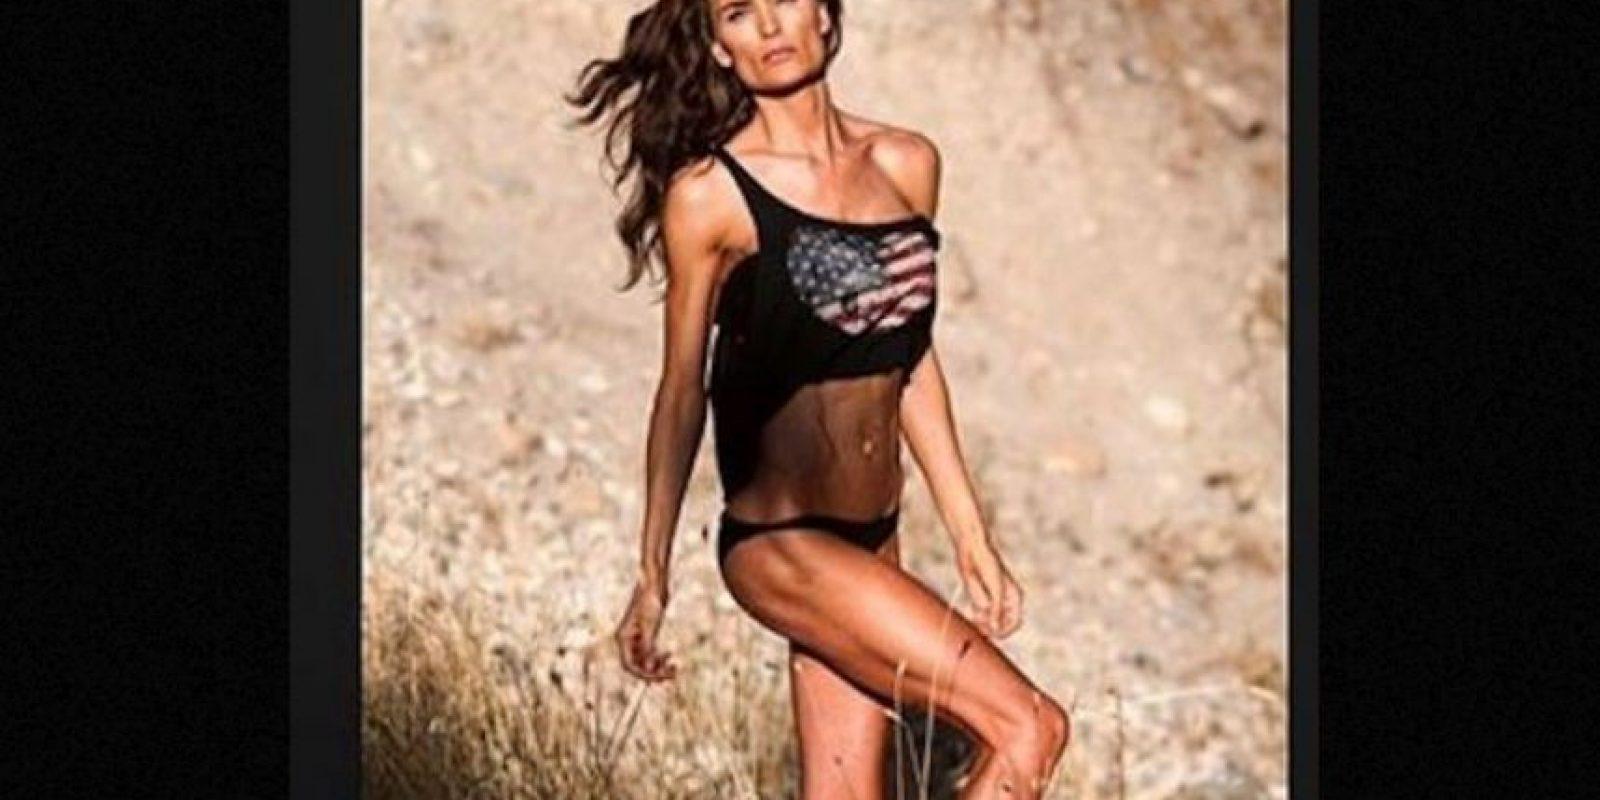 Además de dar clases en la North Sanpete Middle School, se dedica al modelaje y comparte sus sesiones de ejercicio en el gimnasio. Foto:Vía Instagram.com/minscakes